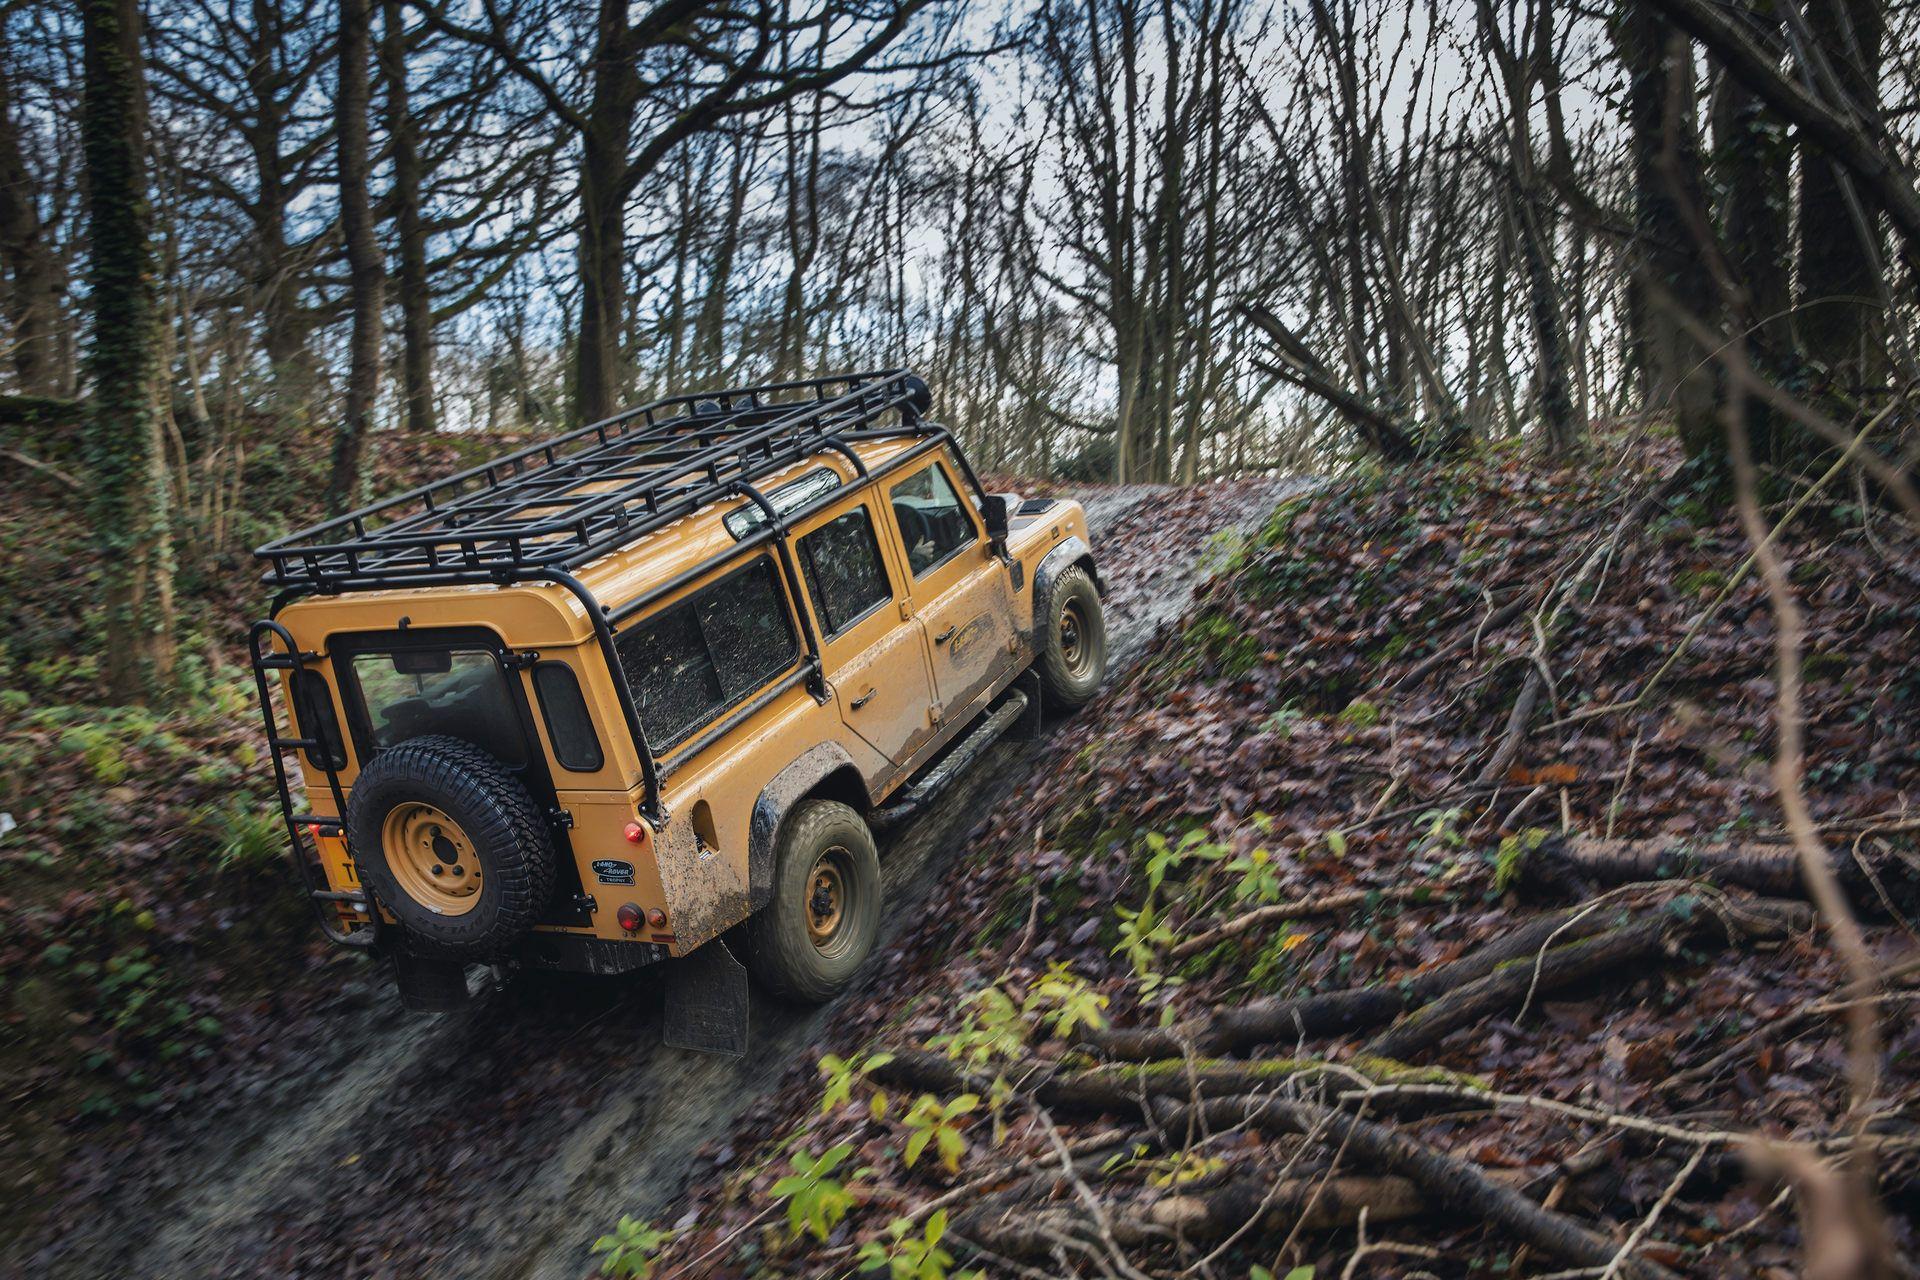 Land-Rover-Defender-Works-V8-Trophy-24